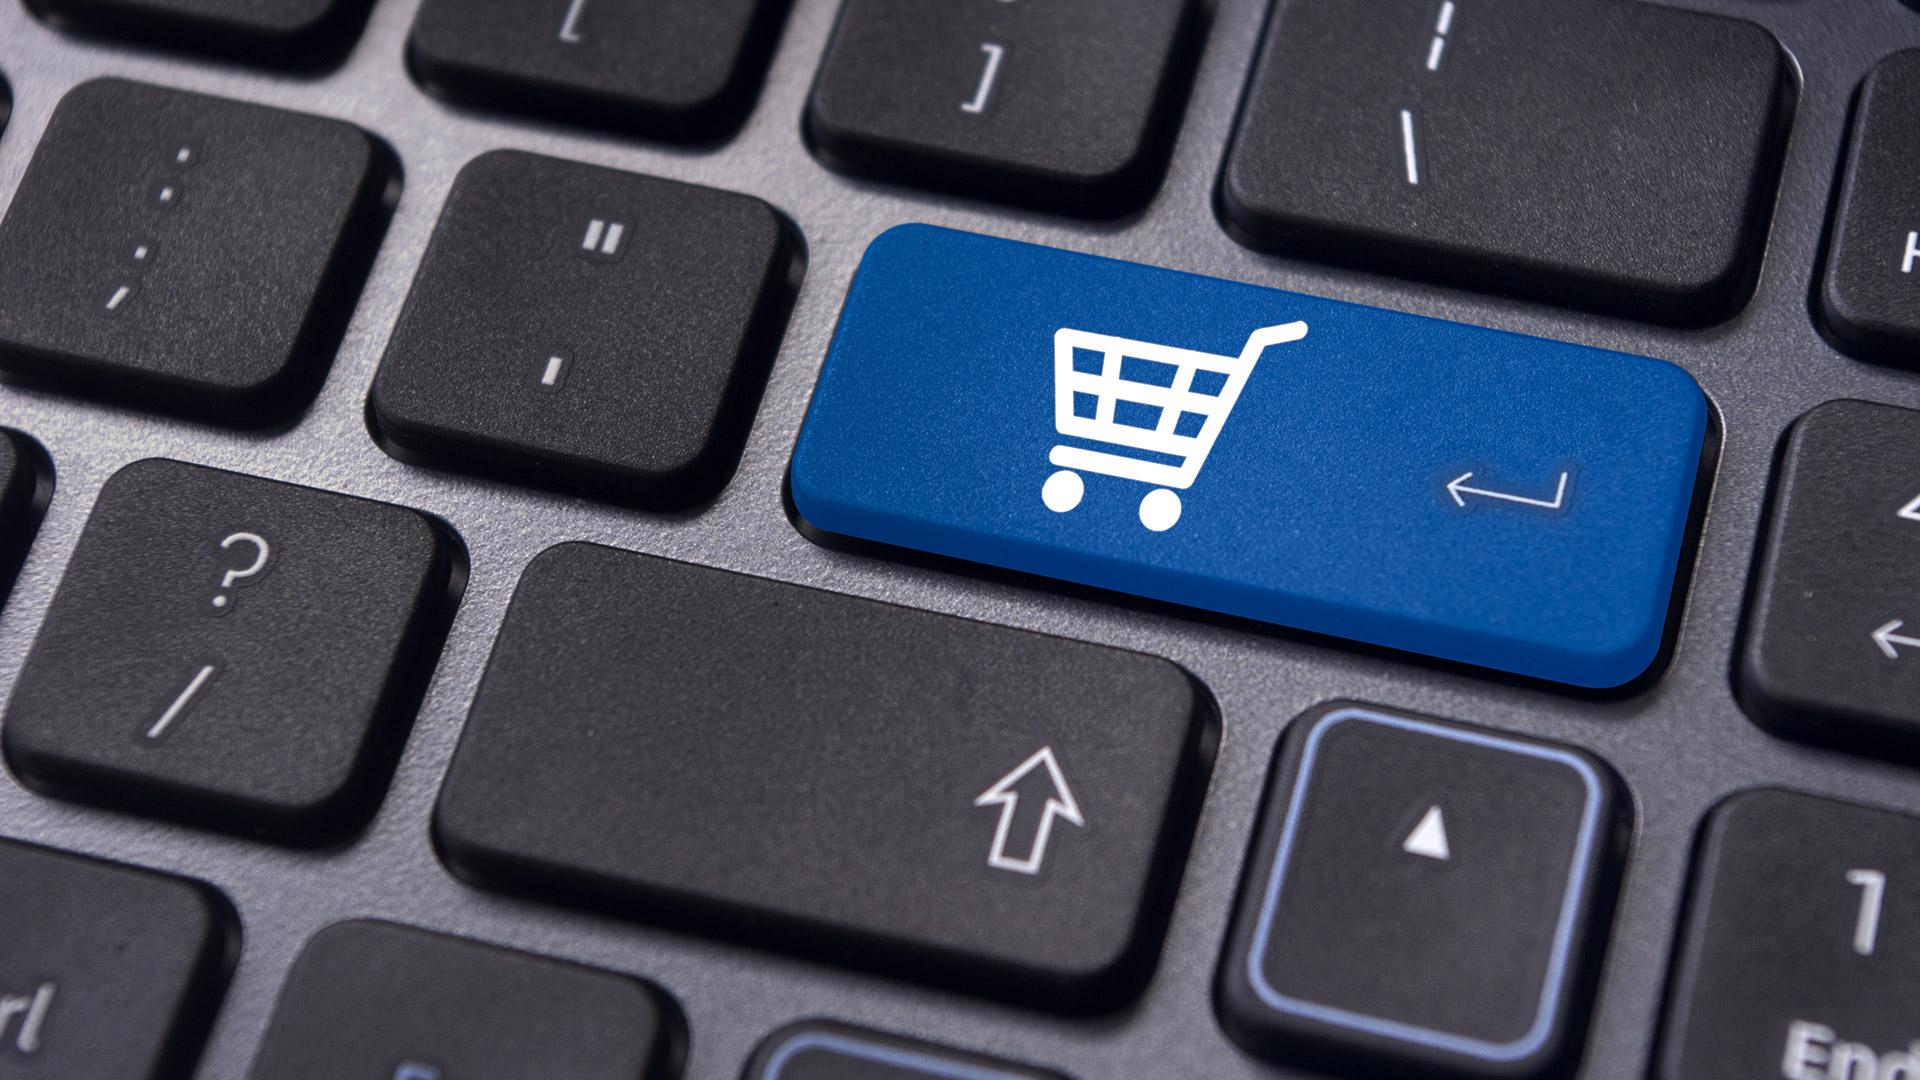 kỹ năng bán hàng, kỹ năng bán hàng online, kỹ năng bán hàng chuyên nghiệp